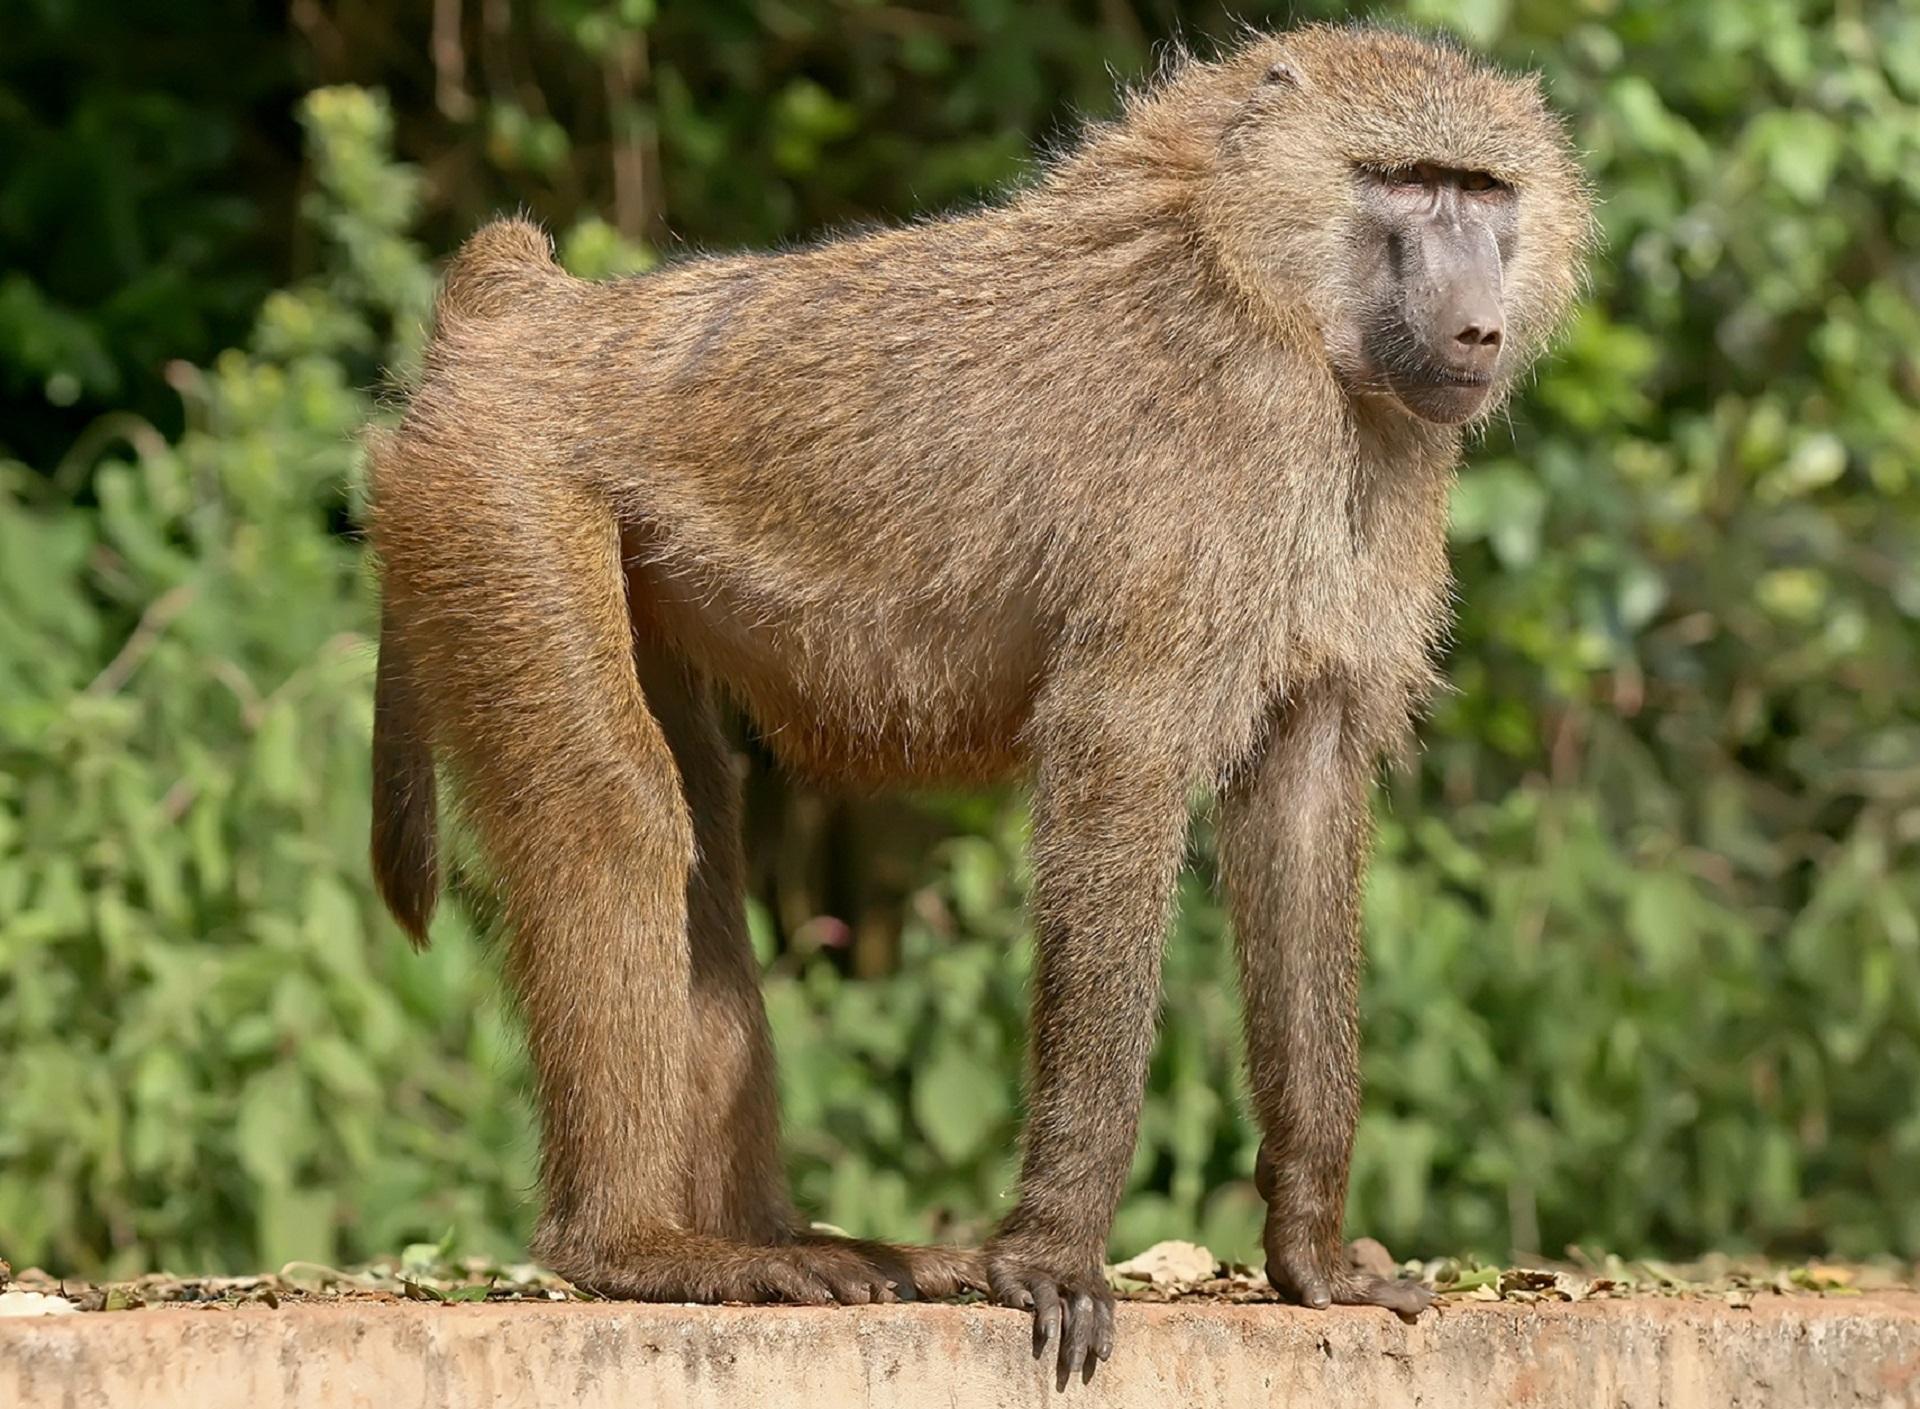 Baboon 4k